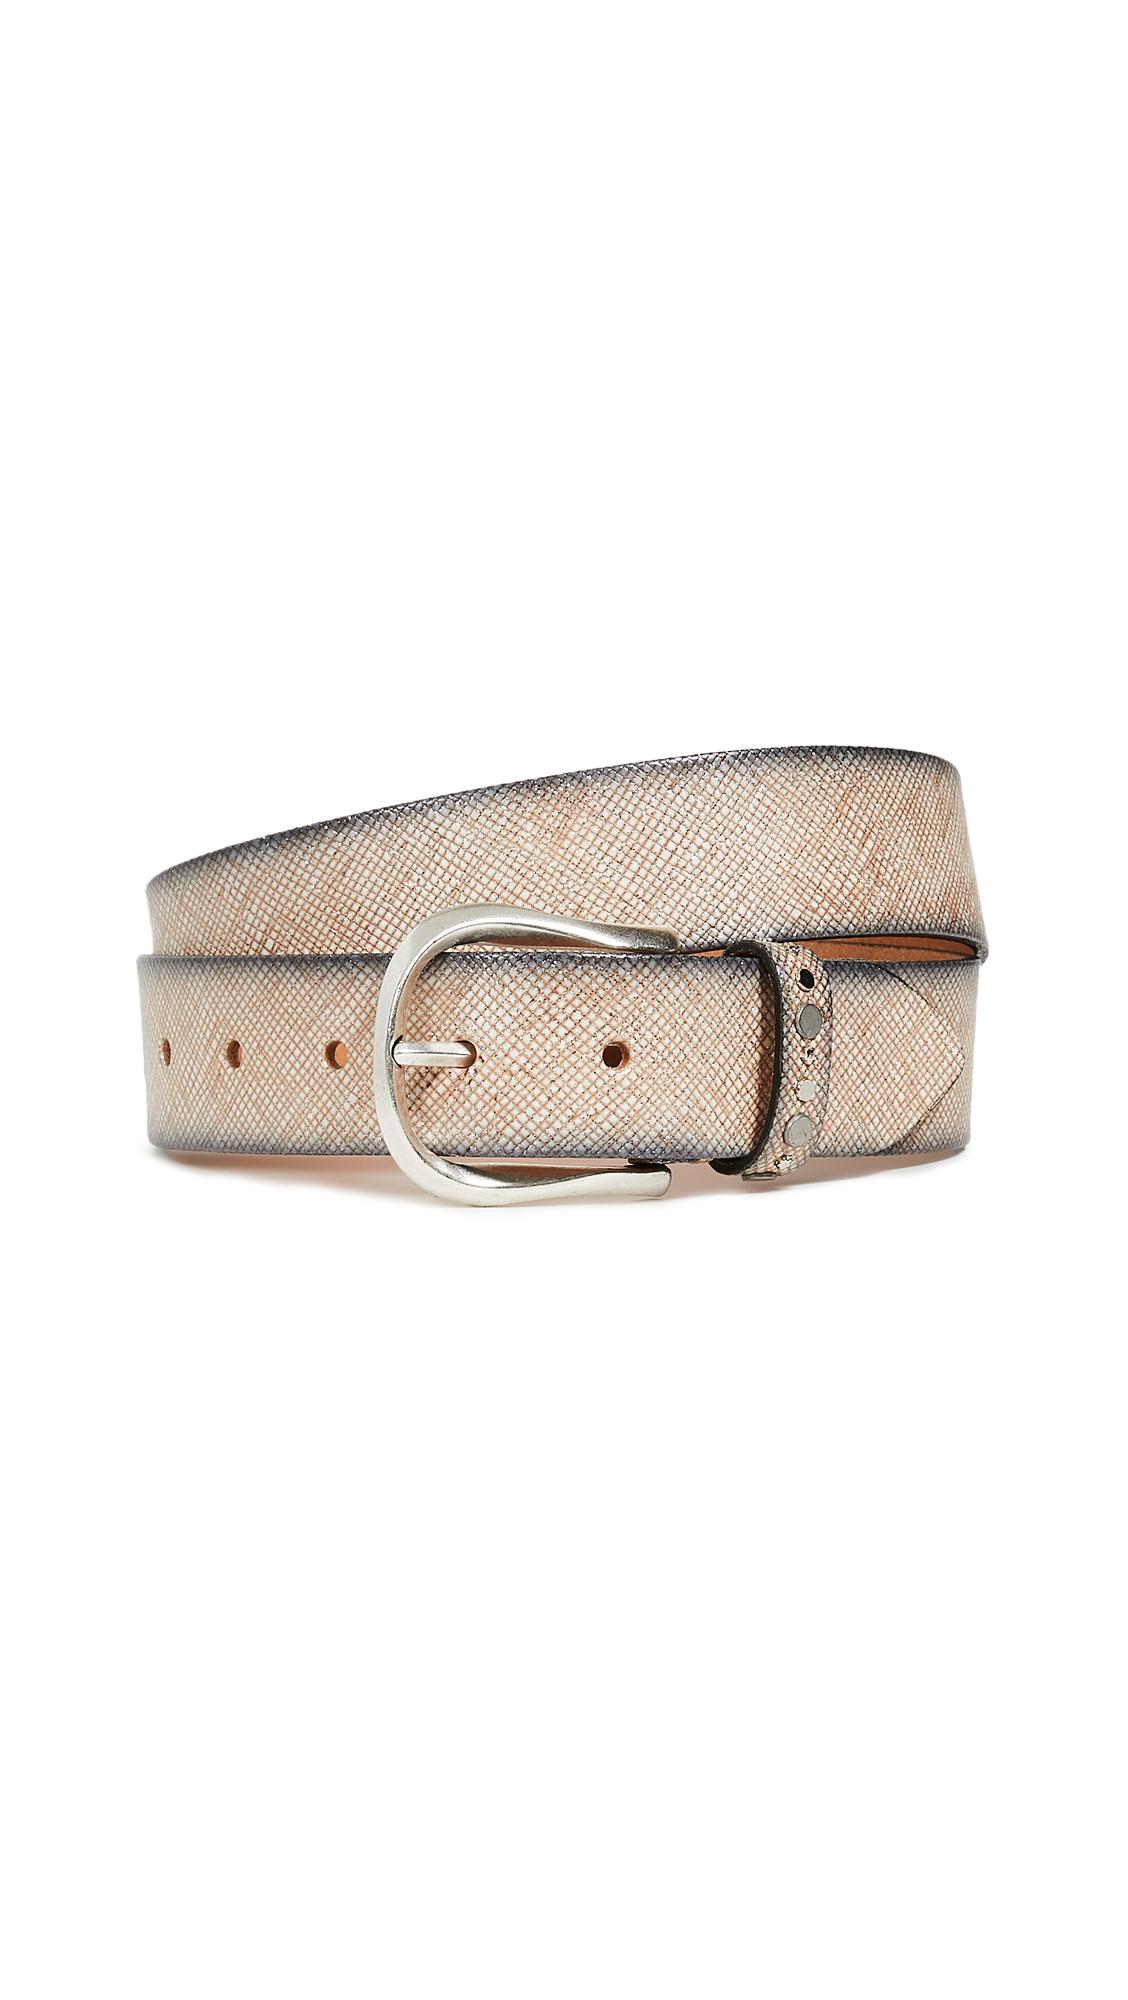 B. BELT Embossed Belt in Creme Shimmer